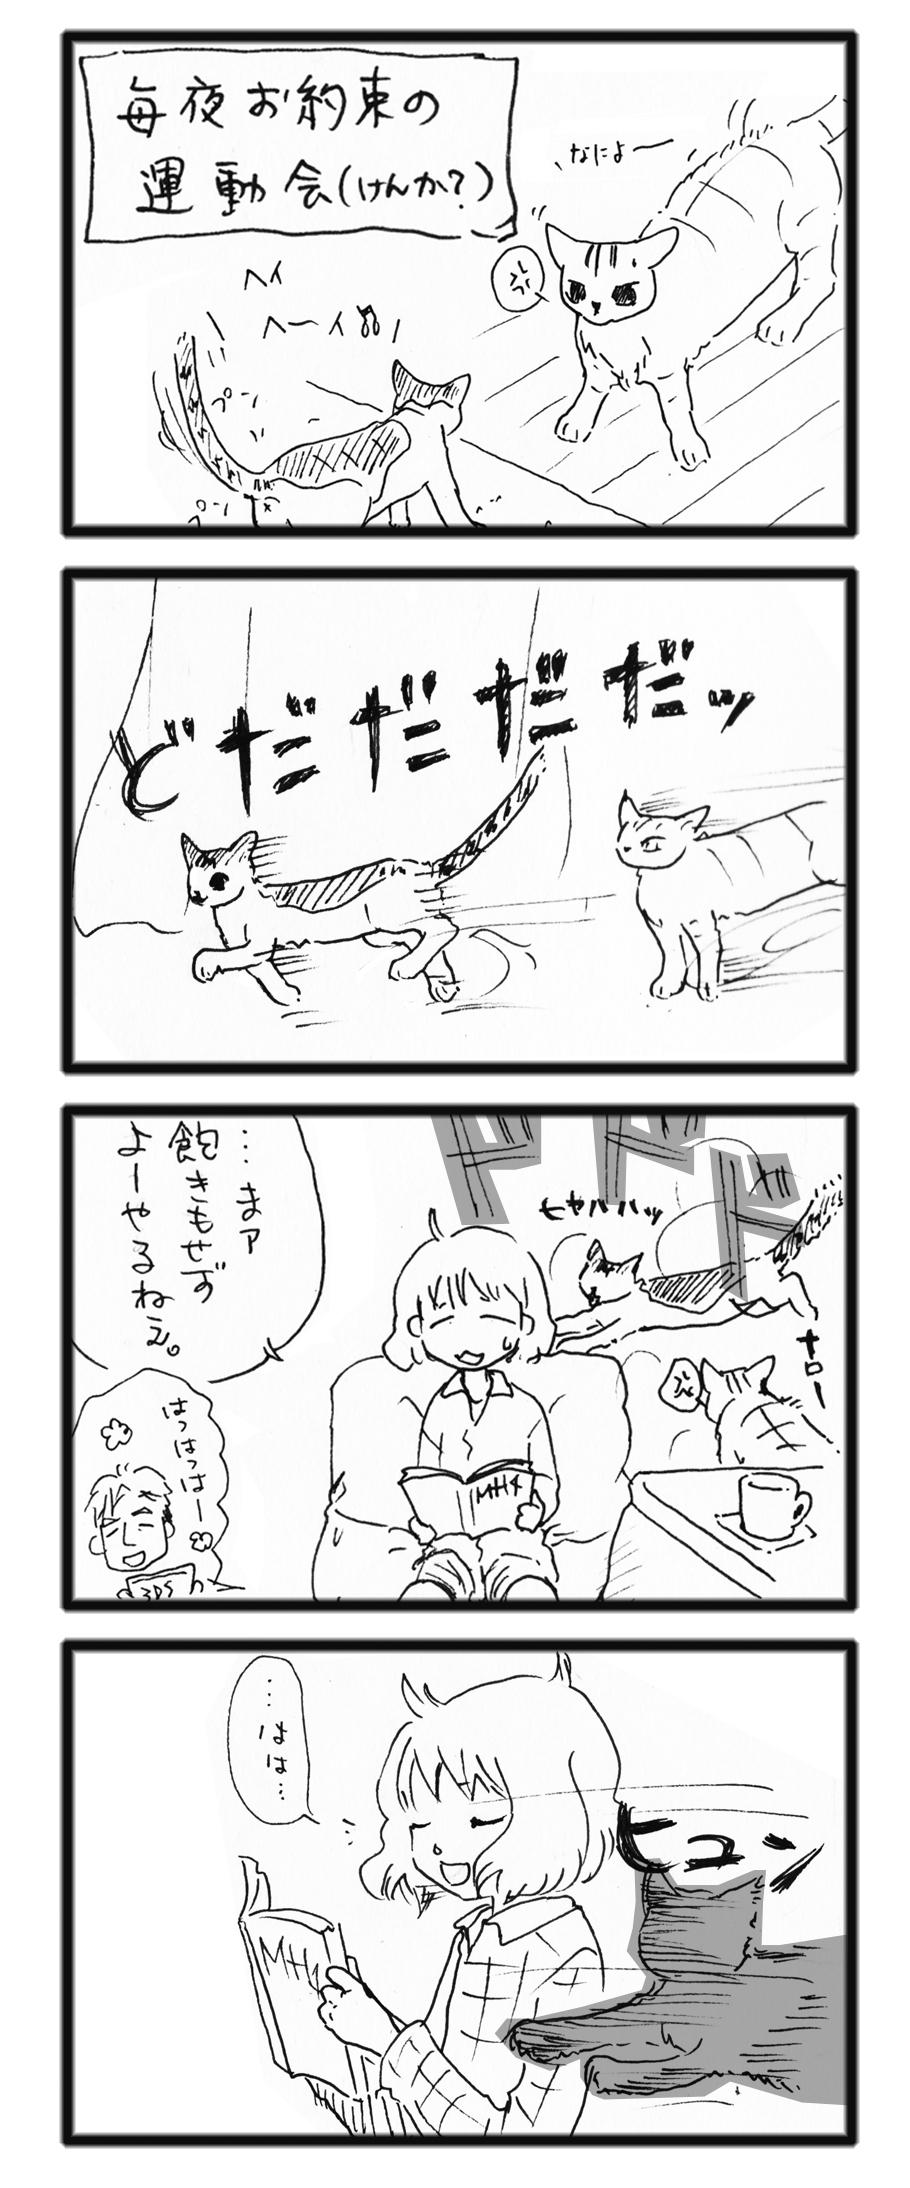 comic_13112001.jpg